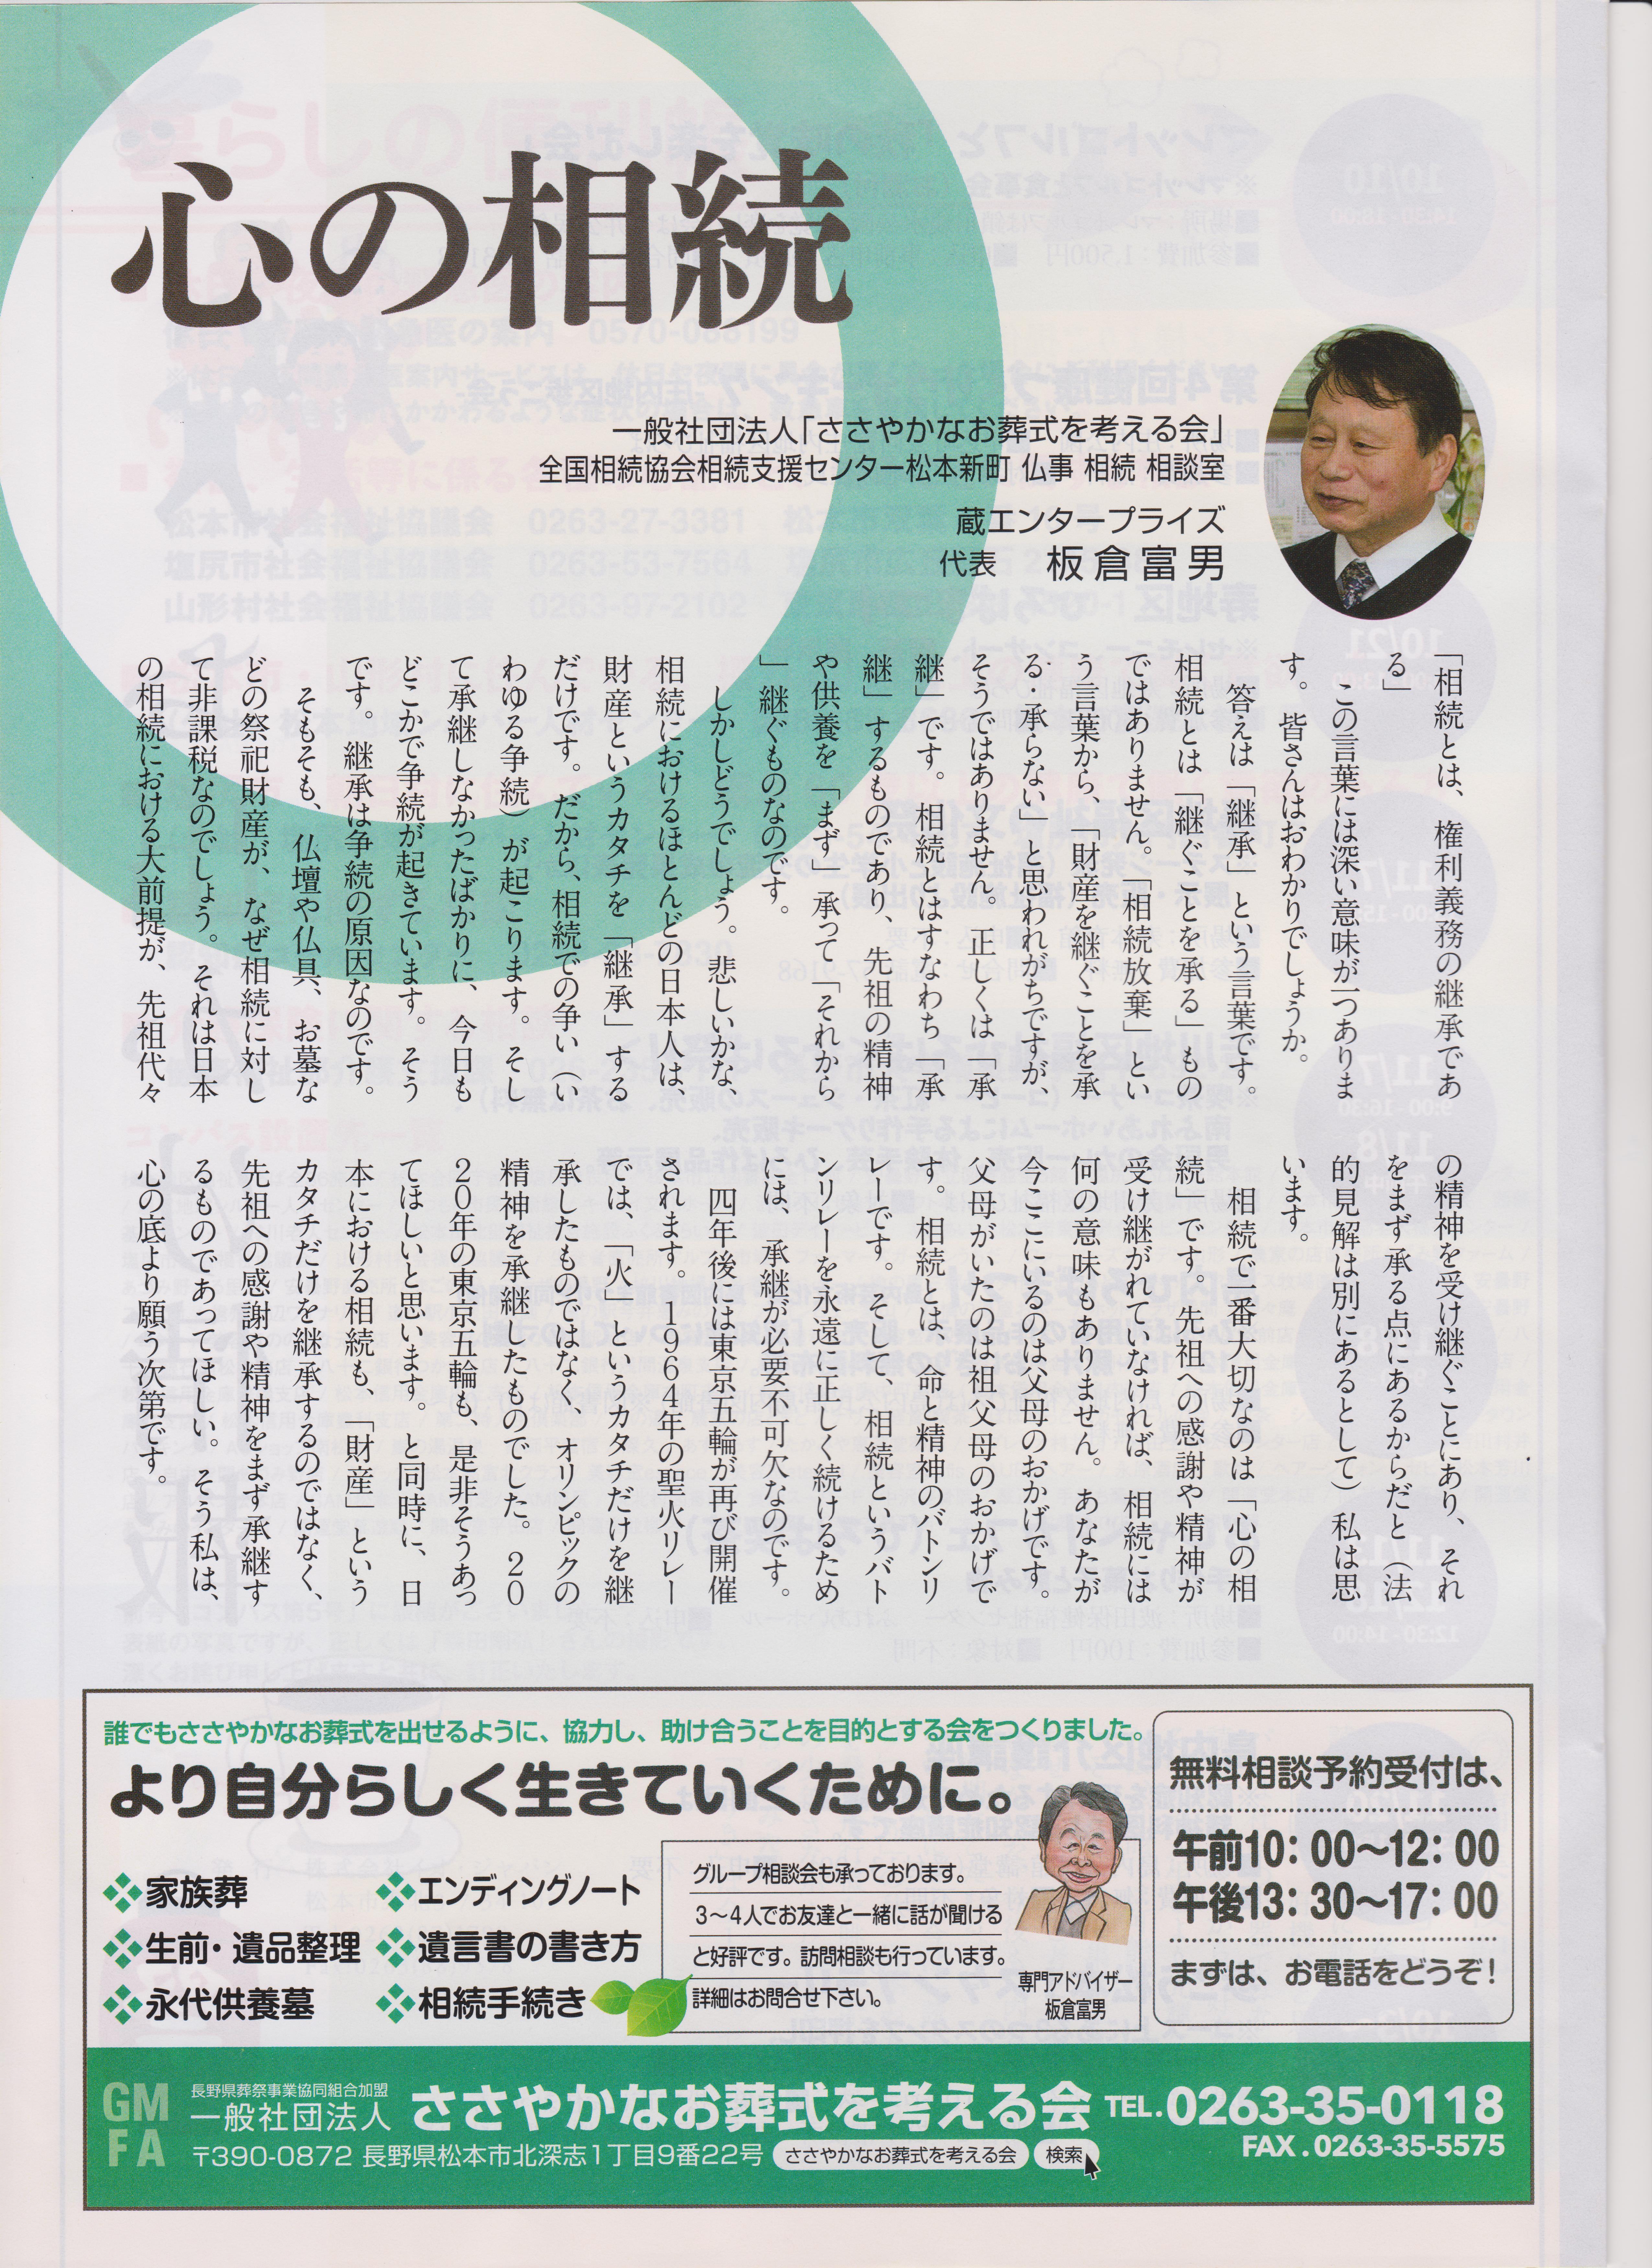 雑誌コンパスvol6_記事_板倉富男先生